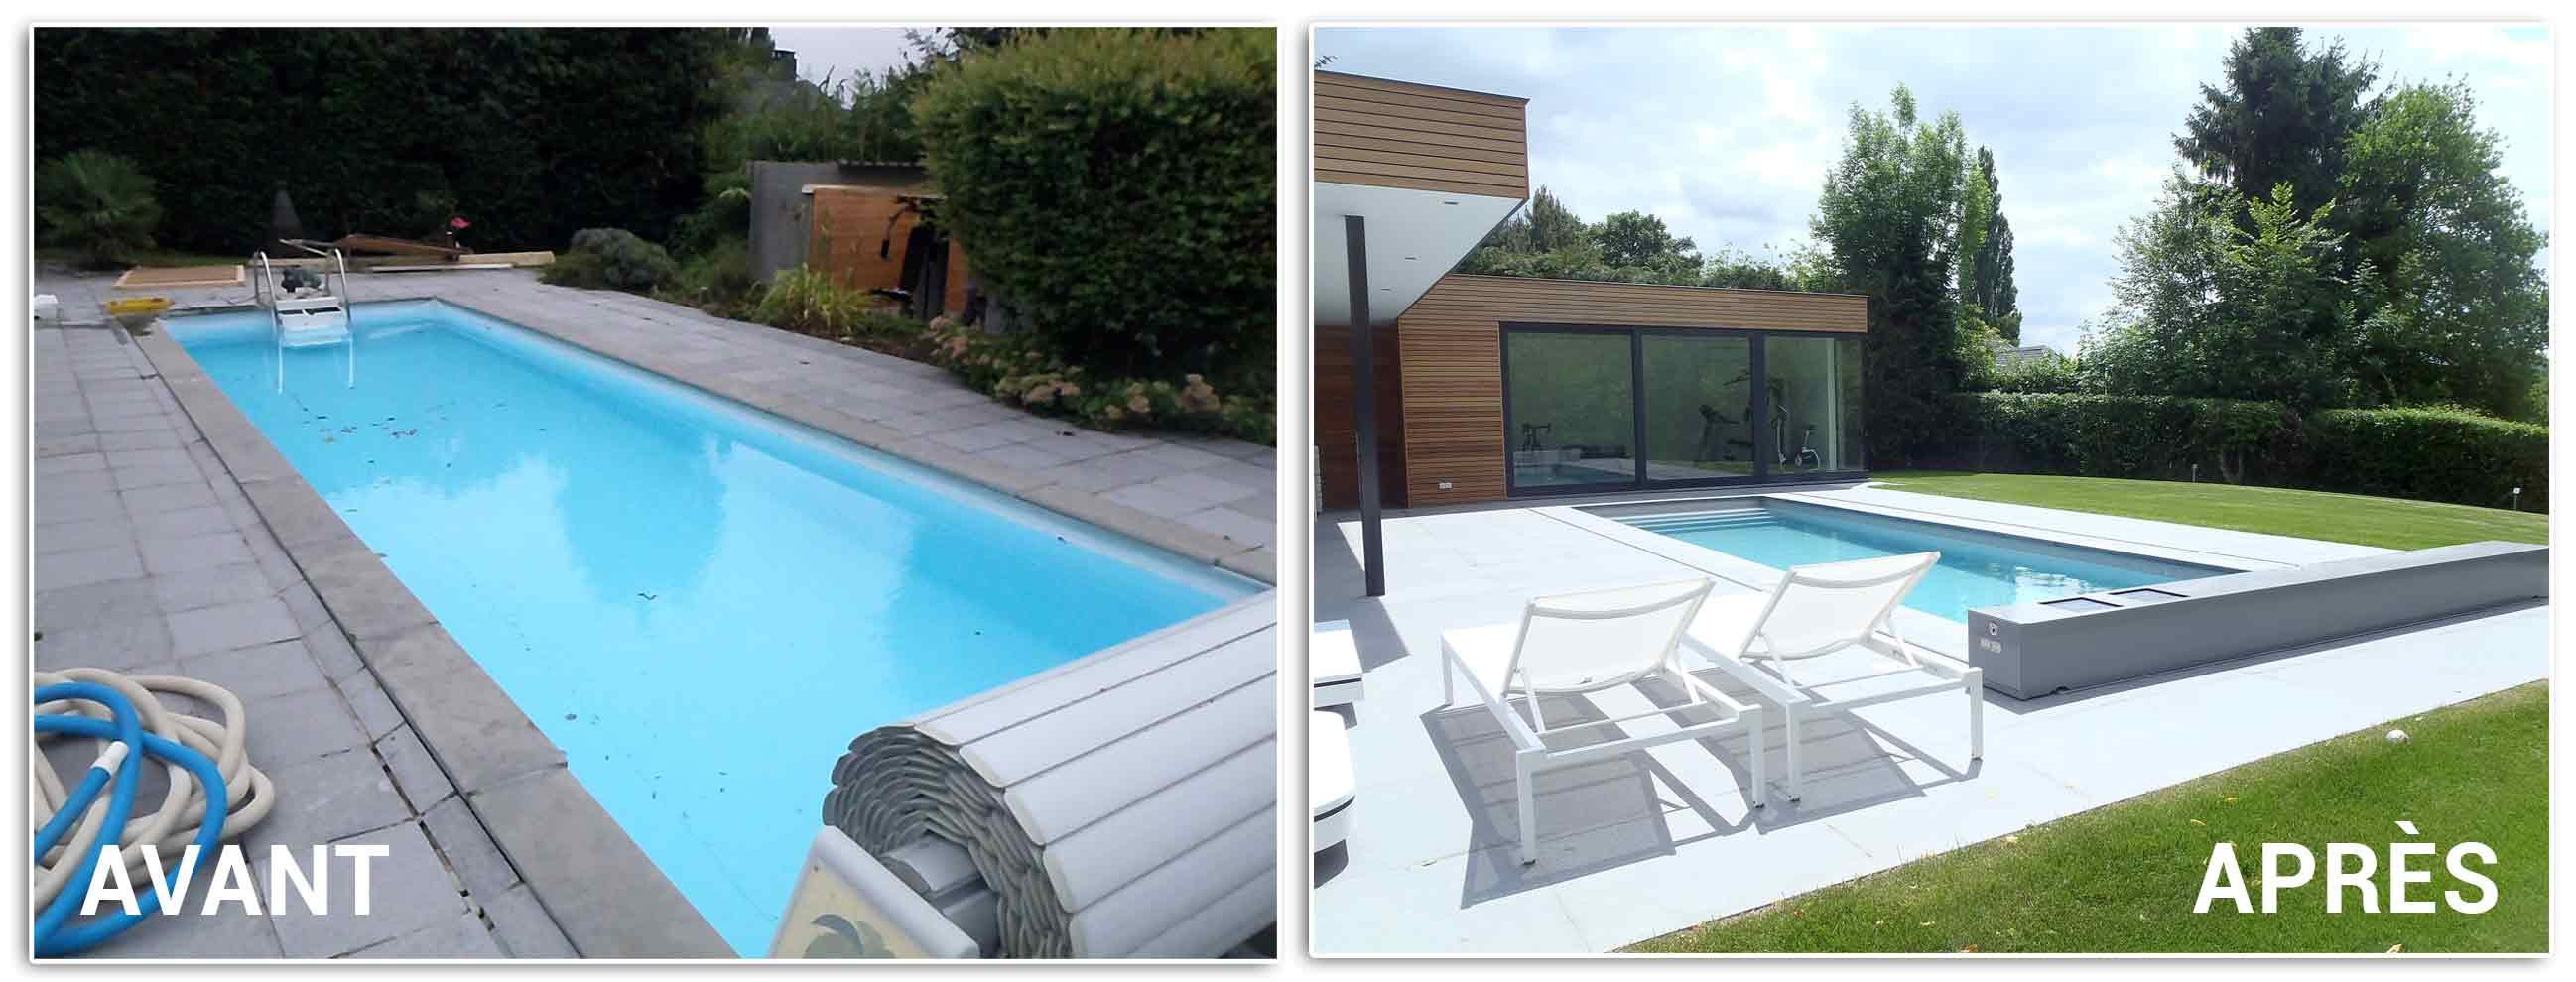 Rénovation de piscine : avant - après